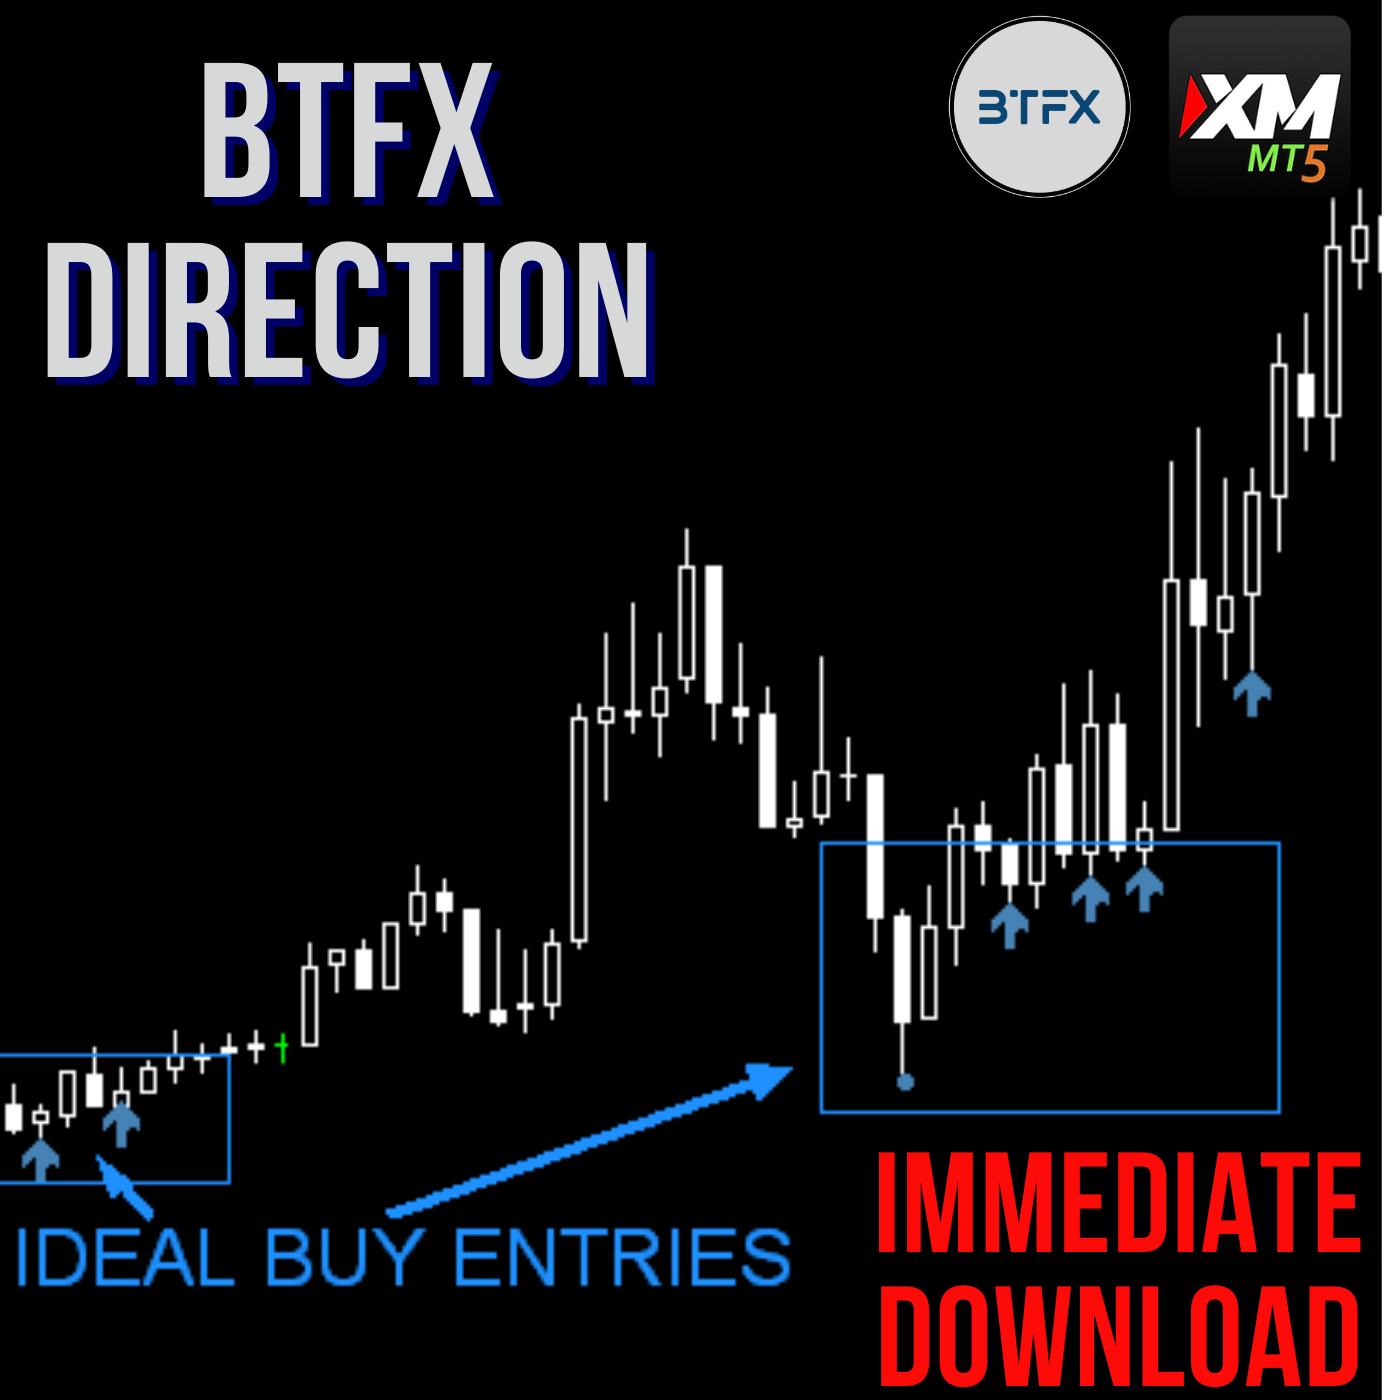 BTFX Direction